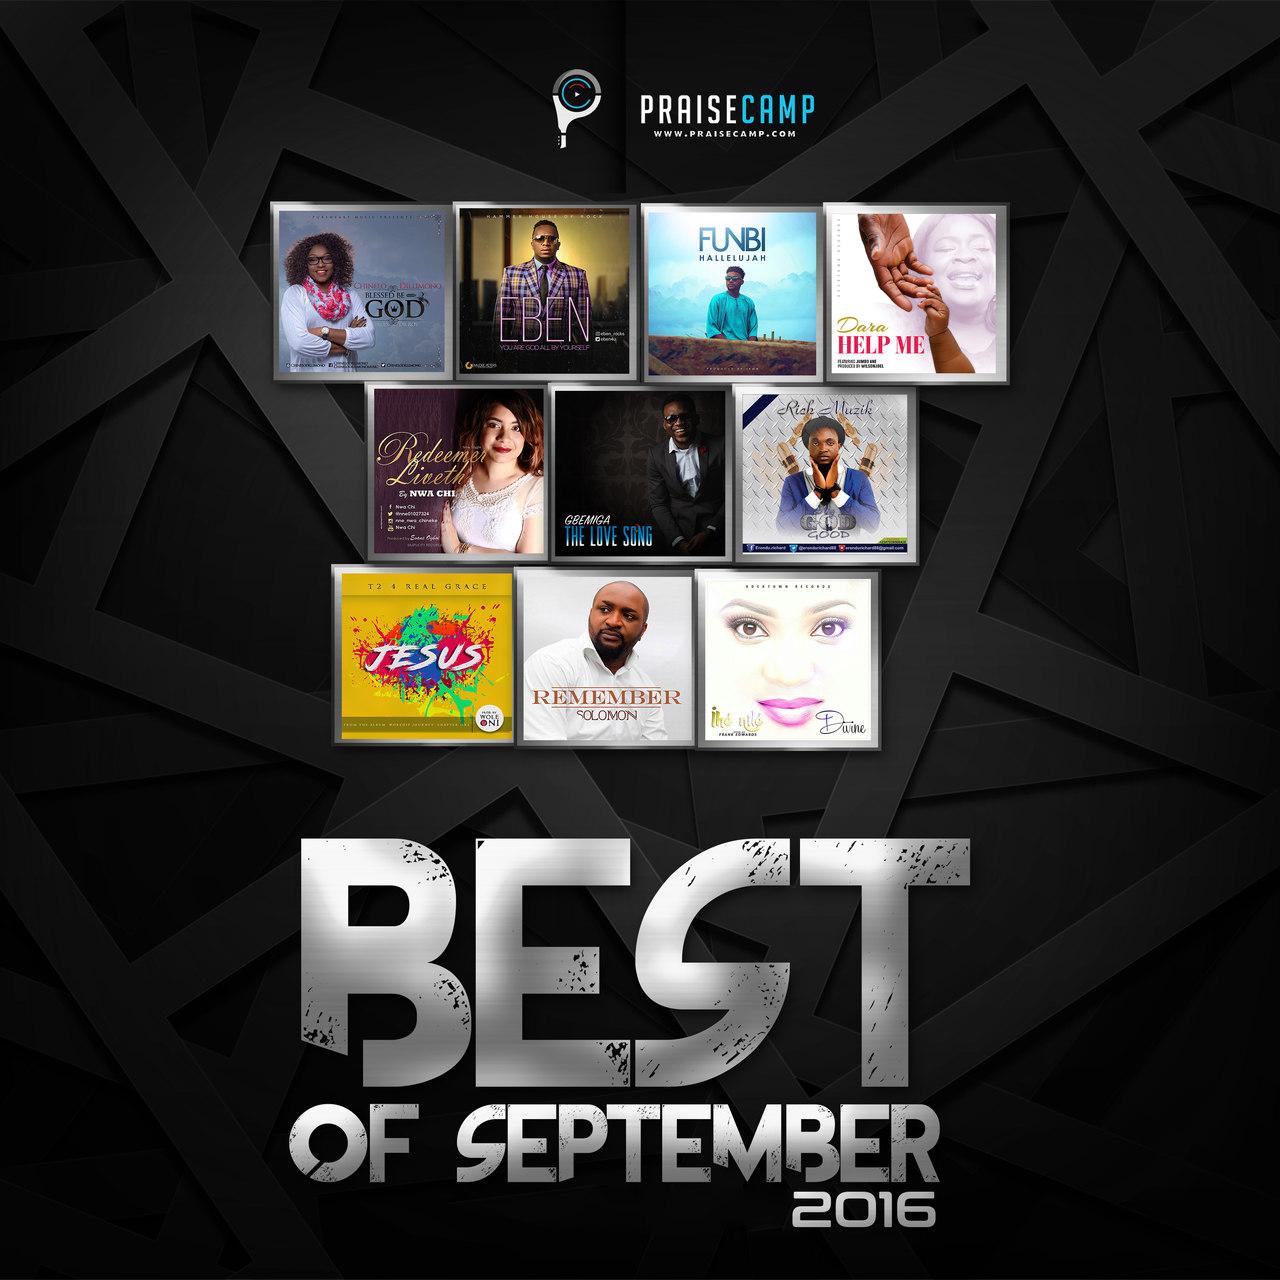 PraiseCamp ''Best of September 2016''